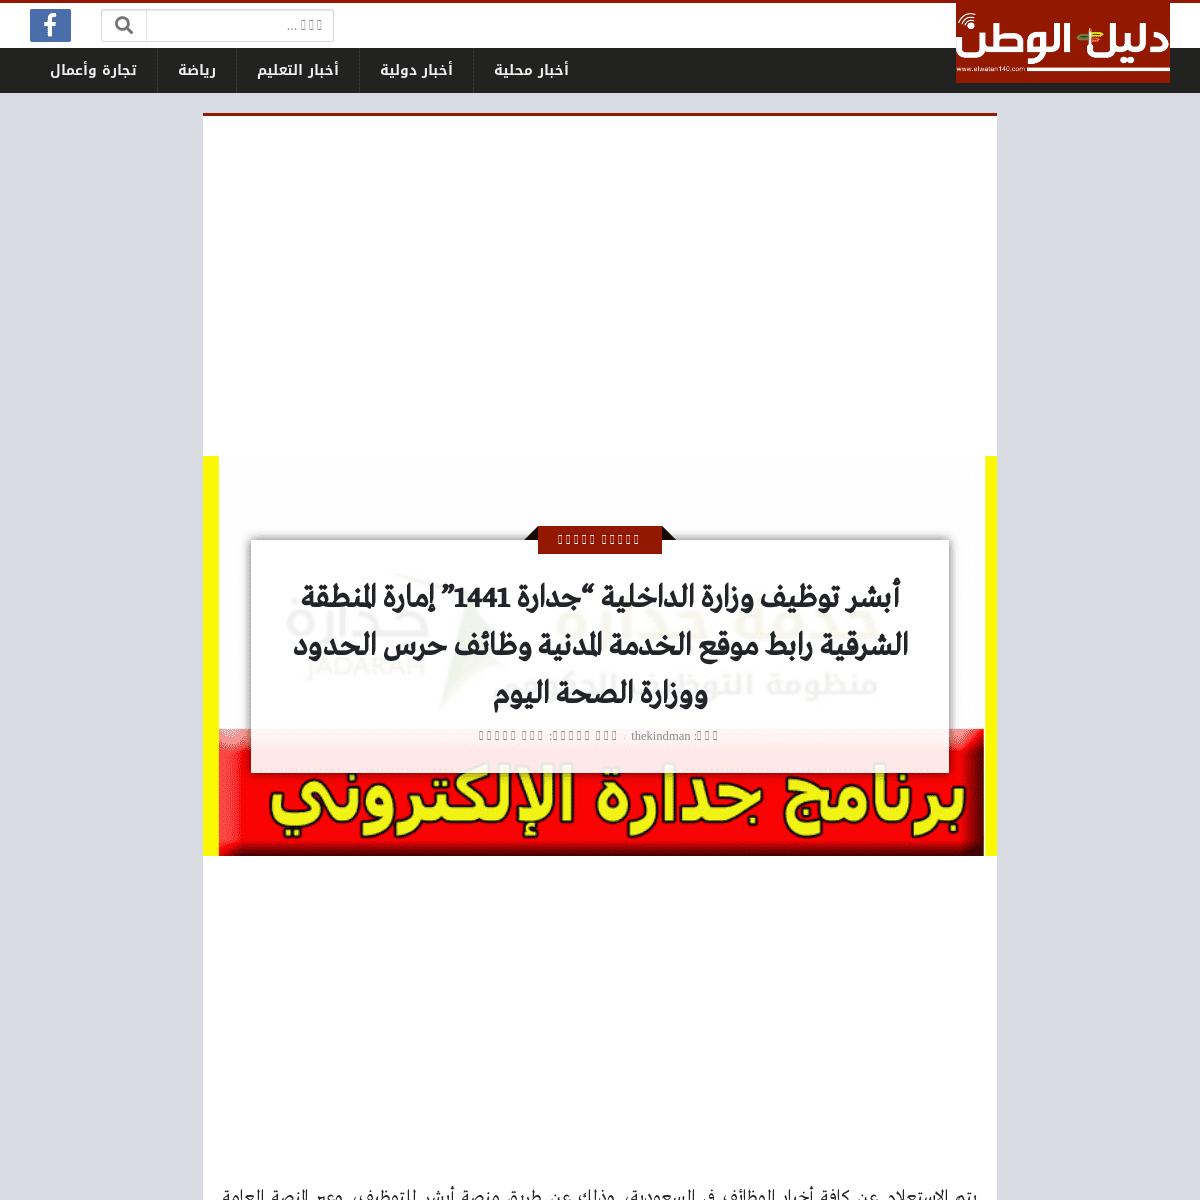 أبشر توظيف وزارة الداخلية -جدارة 1441- إمارة المنطقة الشرقية رابط موقع ا�